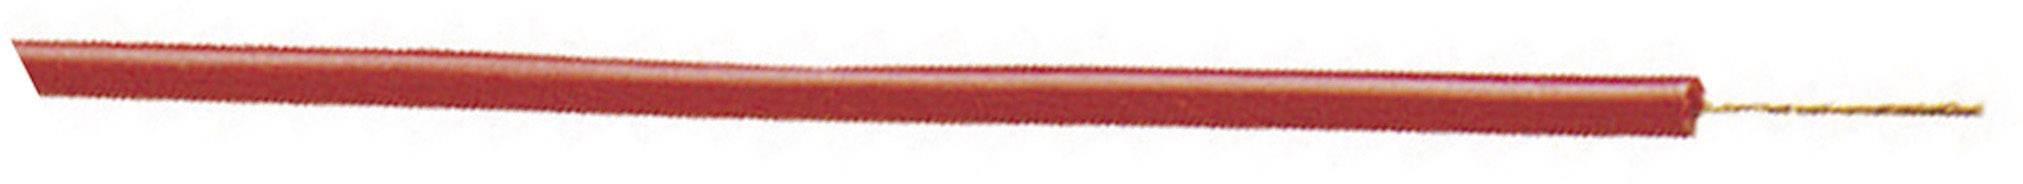 Opletenie / lanko Stäubli 61.7552-10024 SILI-E, 1 x 0.50 mm², vonkajší Ø 2.30 mm, metrový tovar, žltá